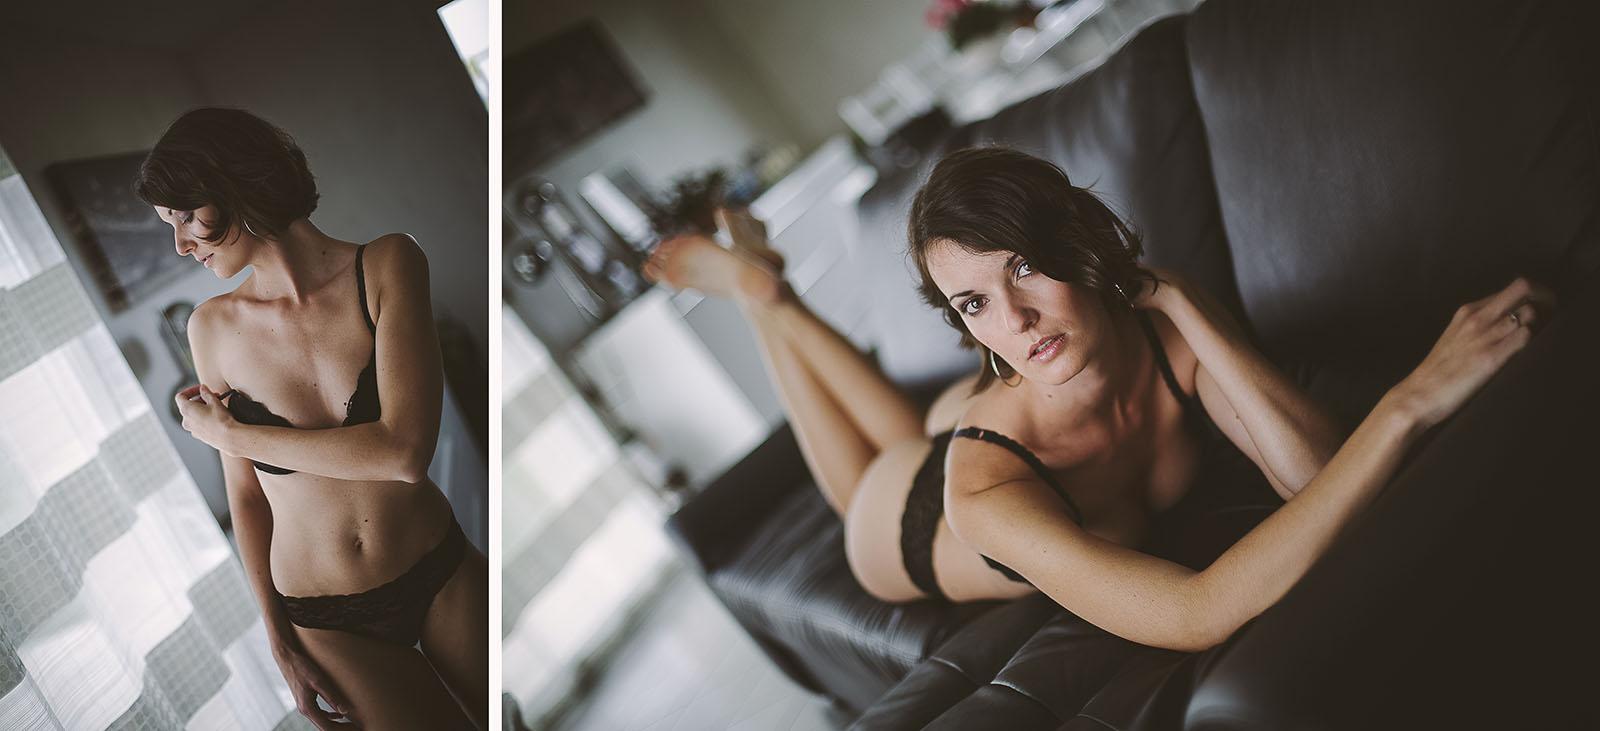 Reprendre confiance grâce à la photo Marie, belle femme pendant une séance photo en lingerie. Blueberry corner photographe professionnel à Lyon et Clermont ferrand spécialisé dans la photo de charme, photo glamour et boudoir